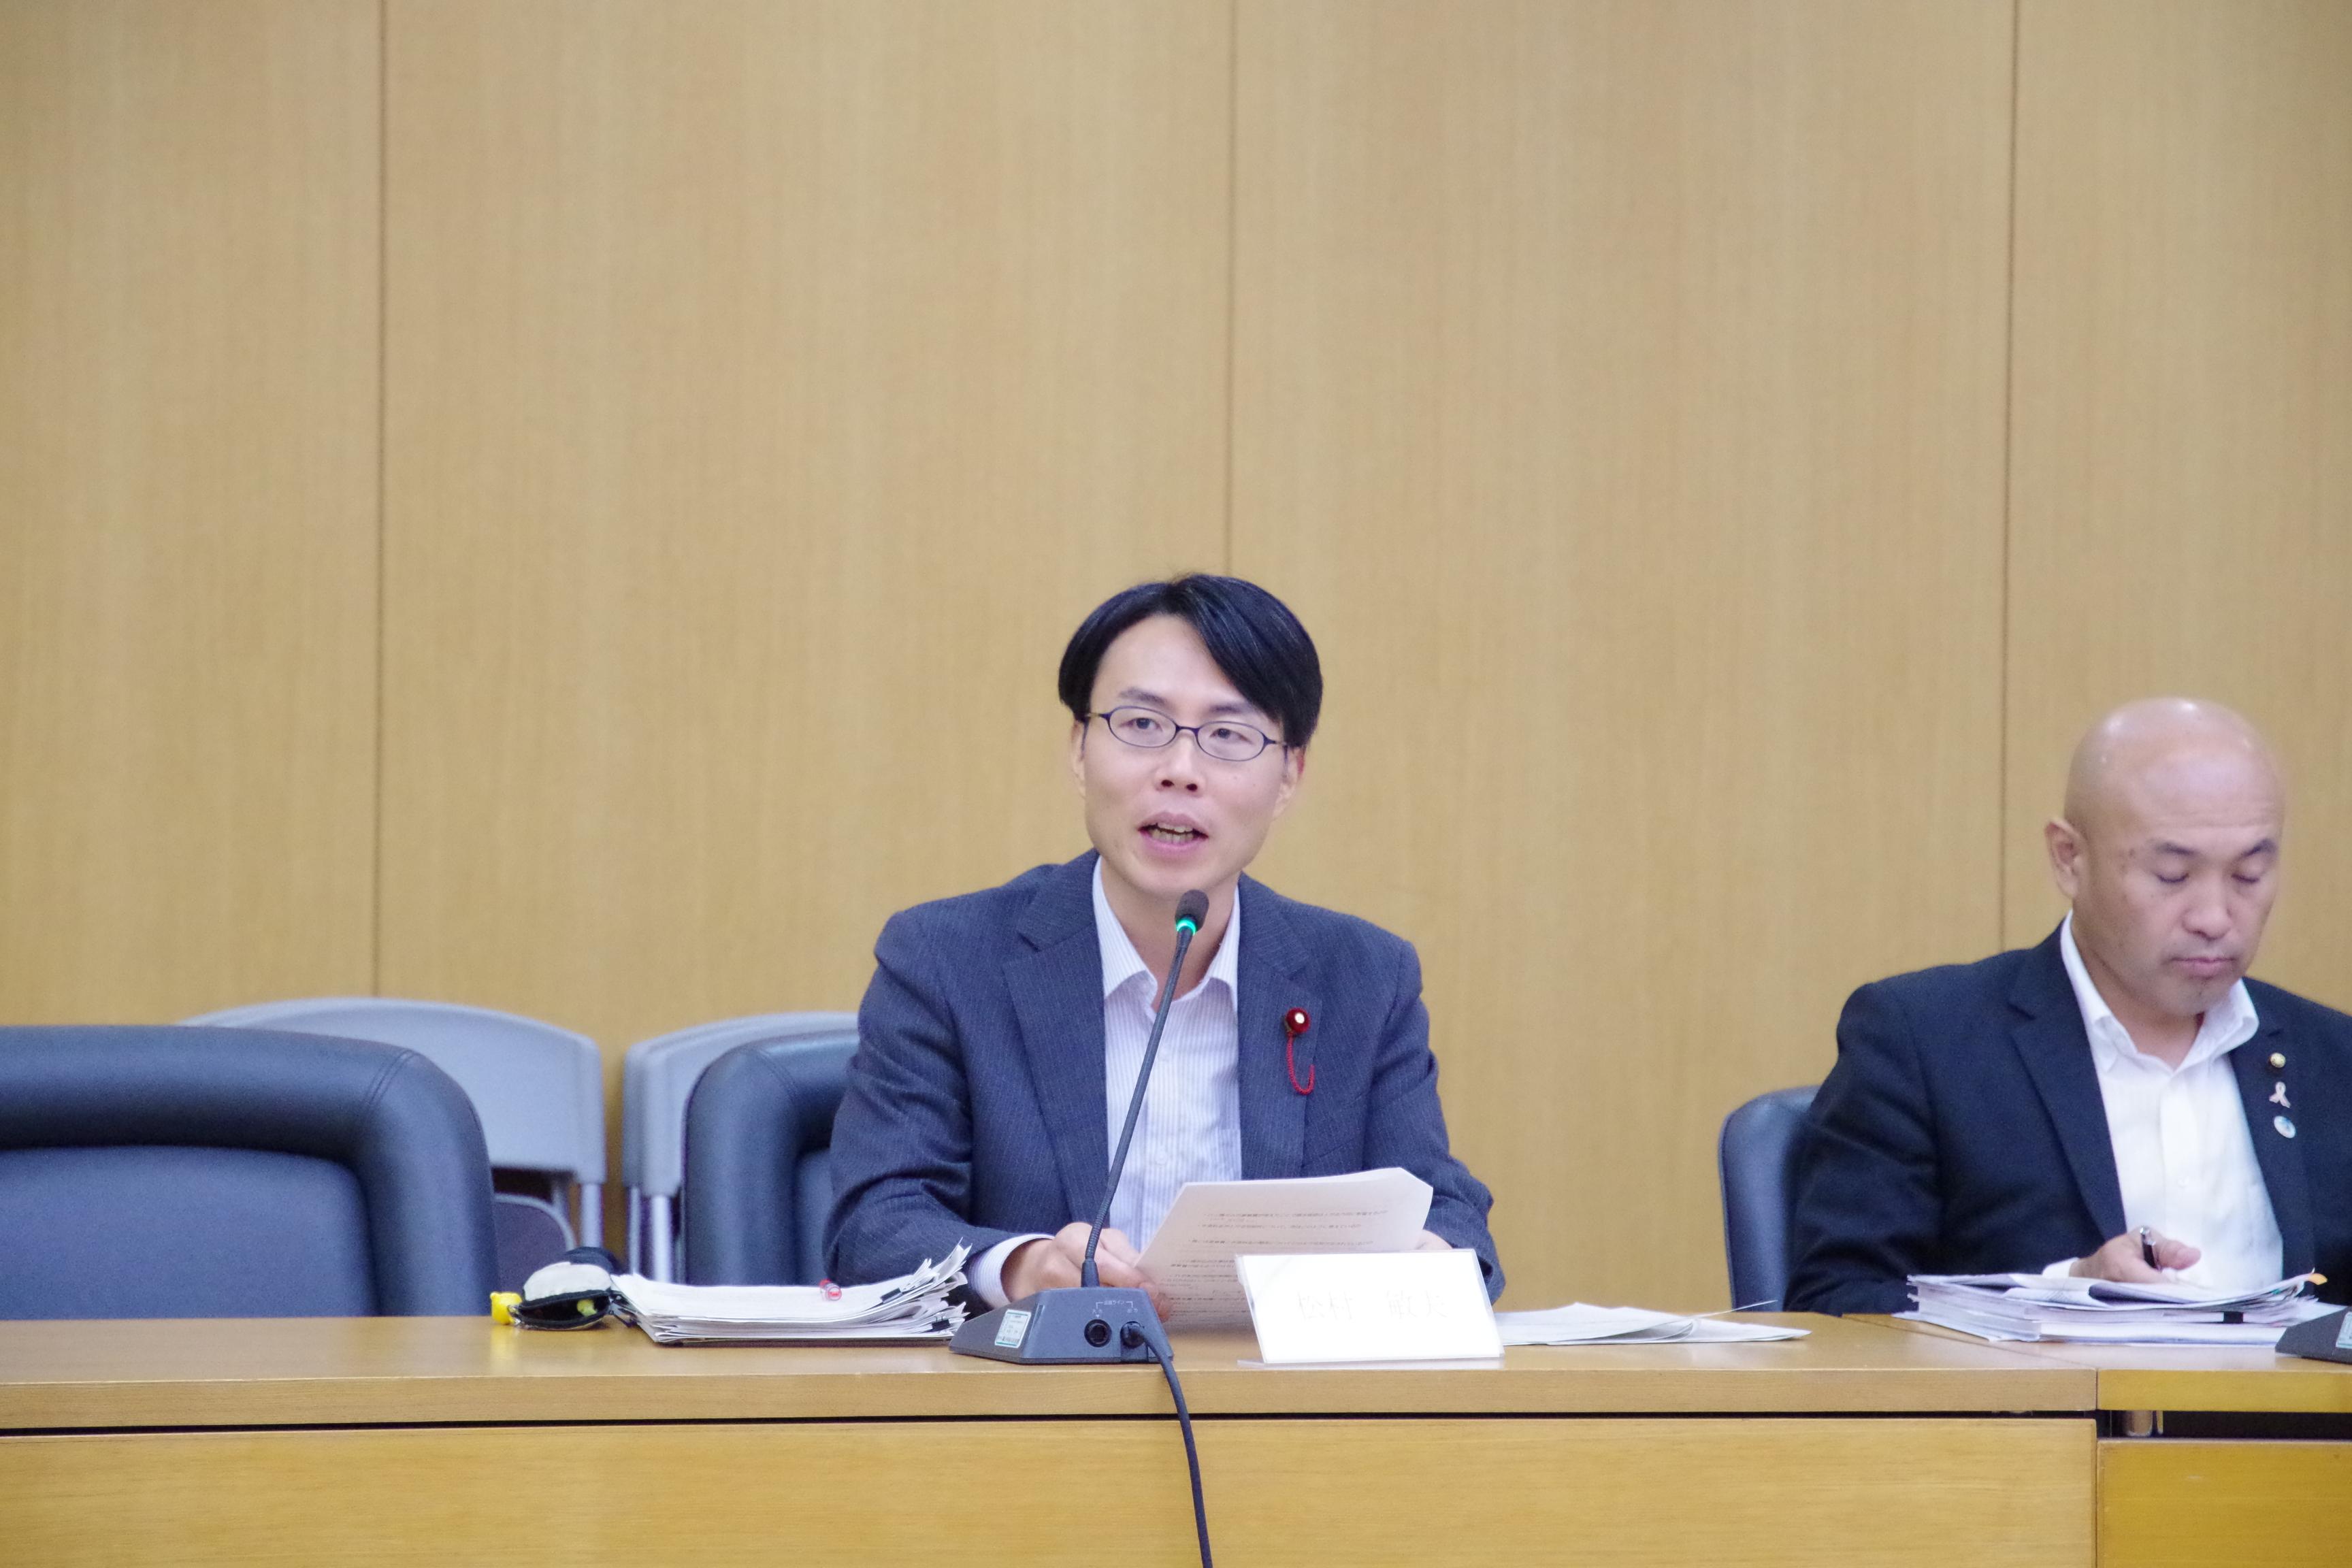 まちづくり委員会にて議案外質問をおこなう松村としお市議